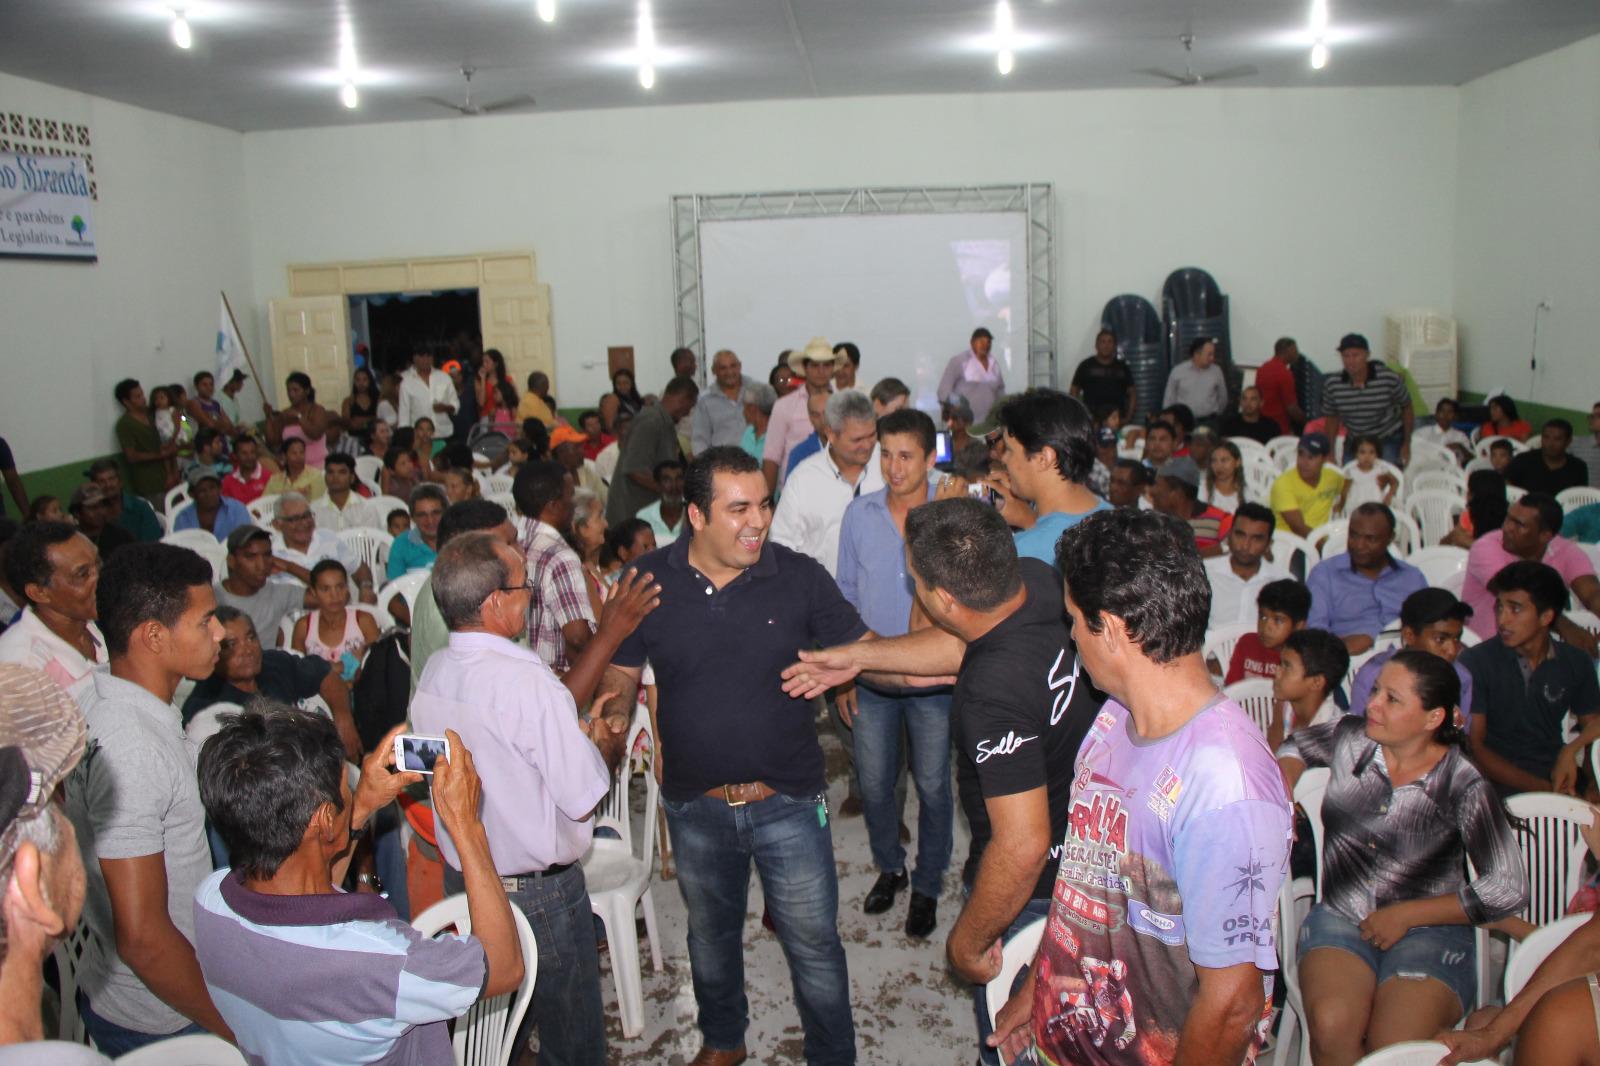 Democratas de Curionópolis realiza megaconvenção e lança Adonei como pré-candidato a prefeito